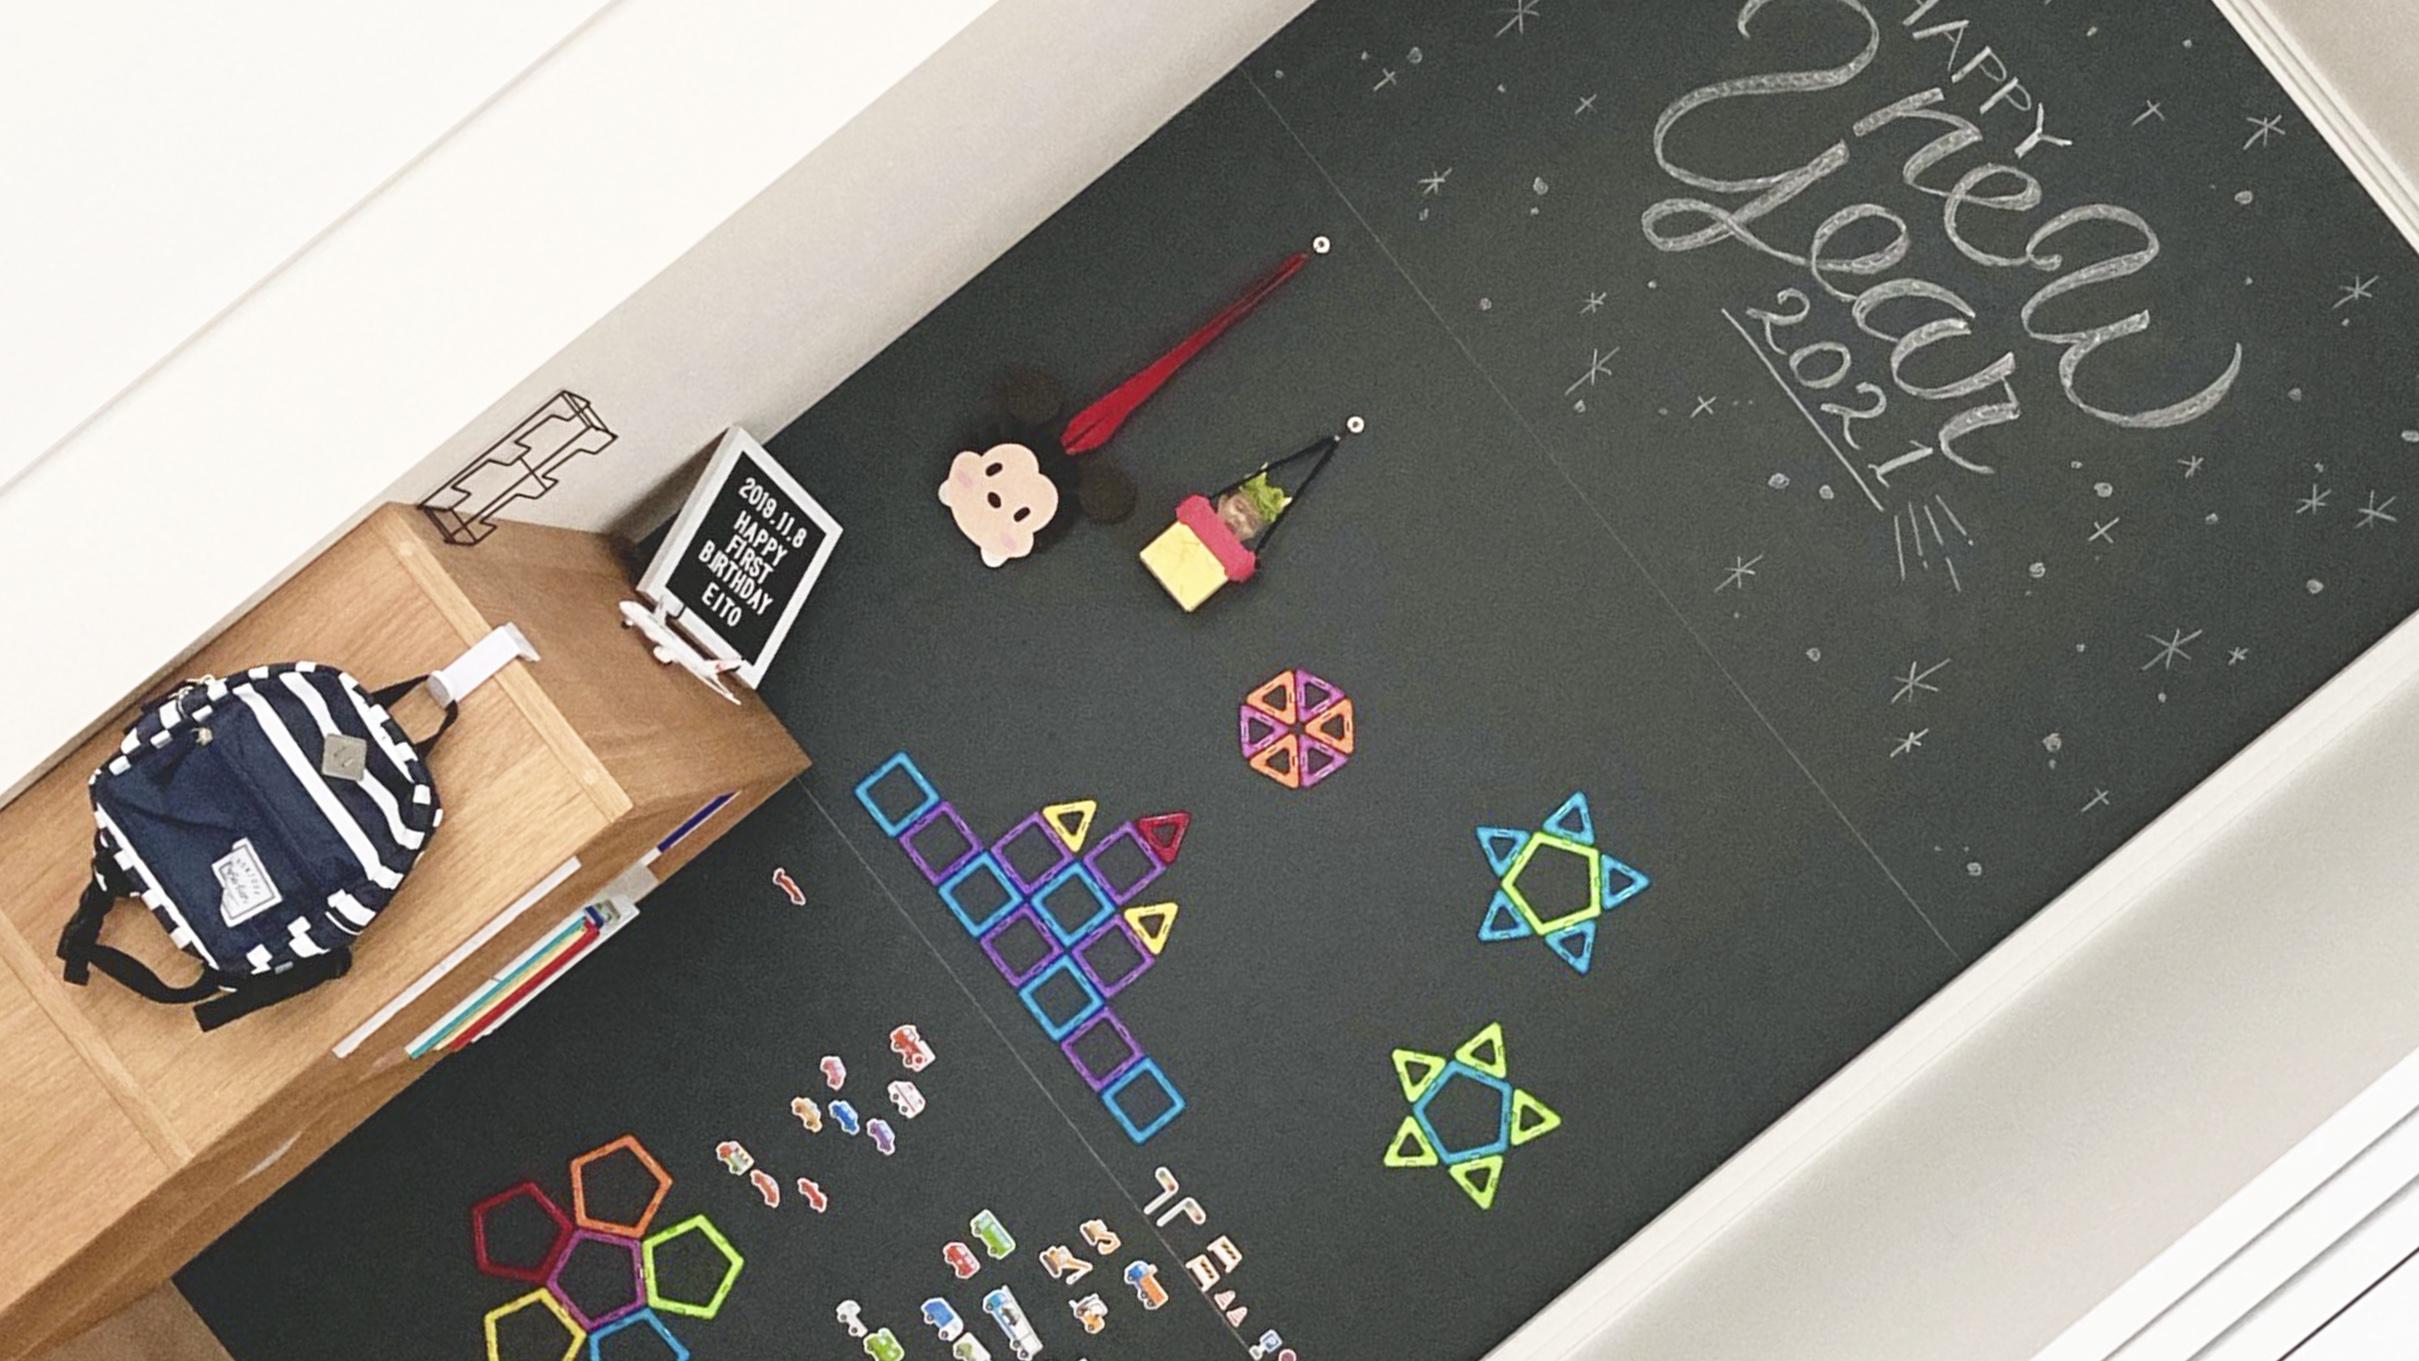 ライテック黒板ボード・壁に設置のアイキャッチ画像